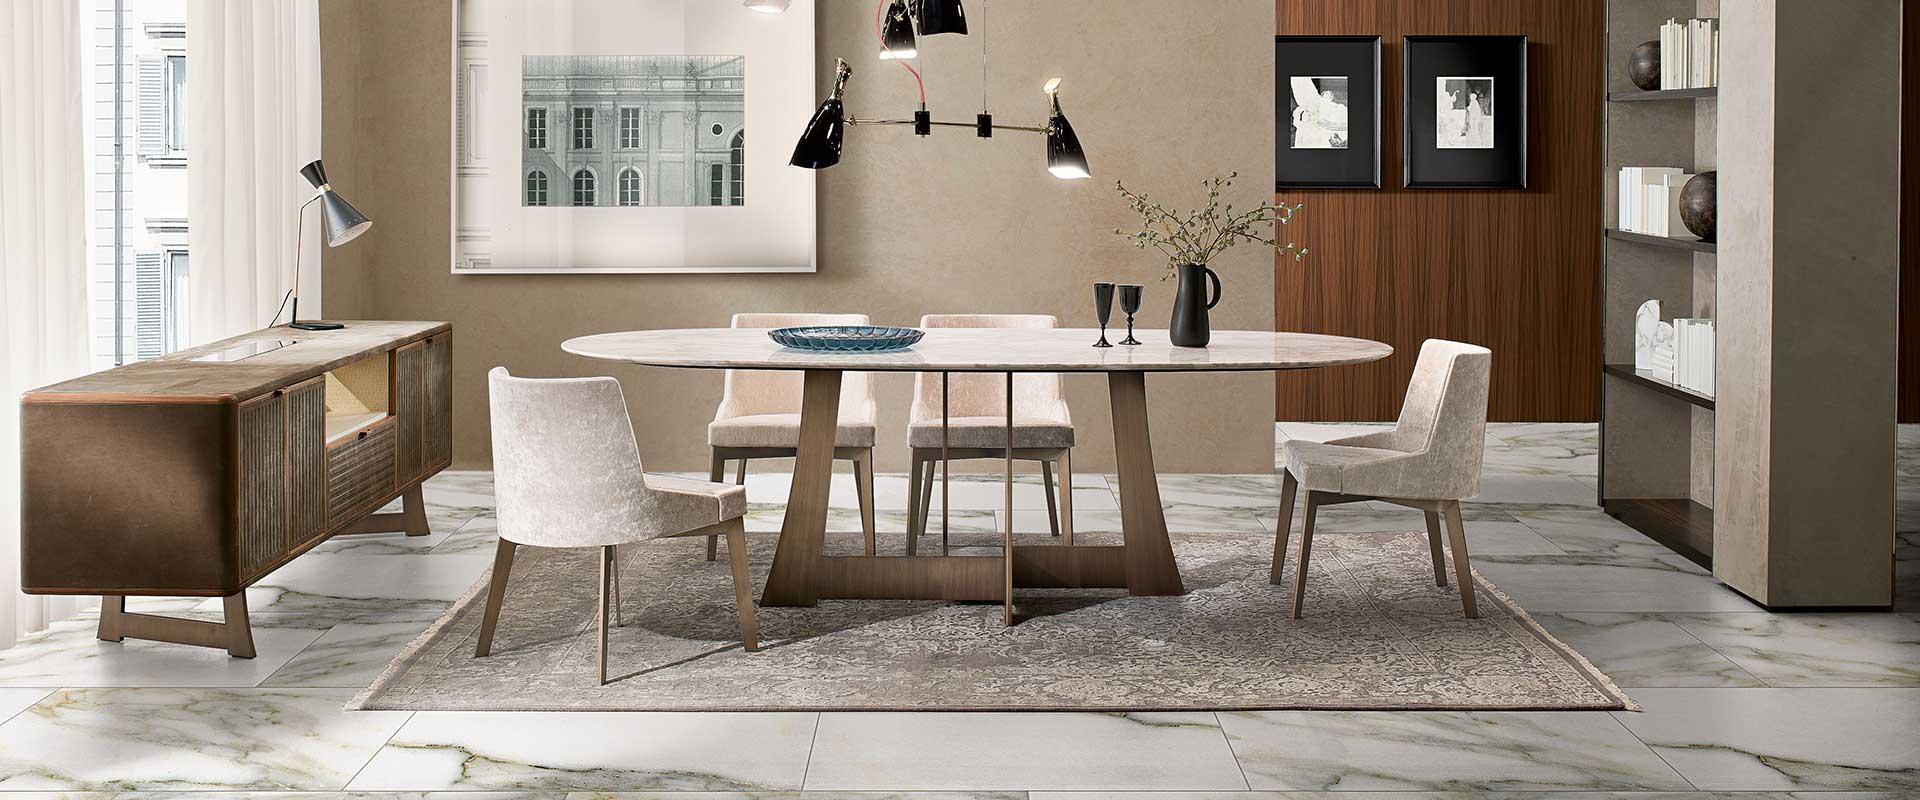 meubles de luxe italiens vente en